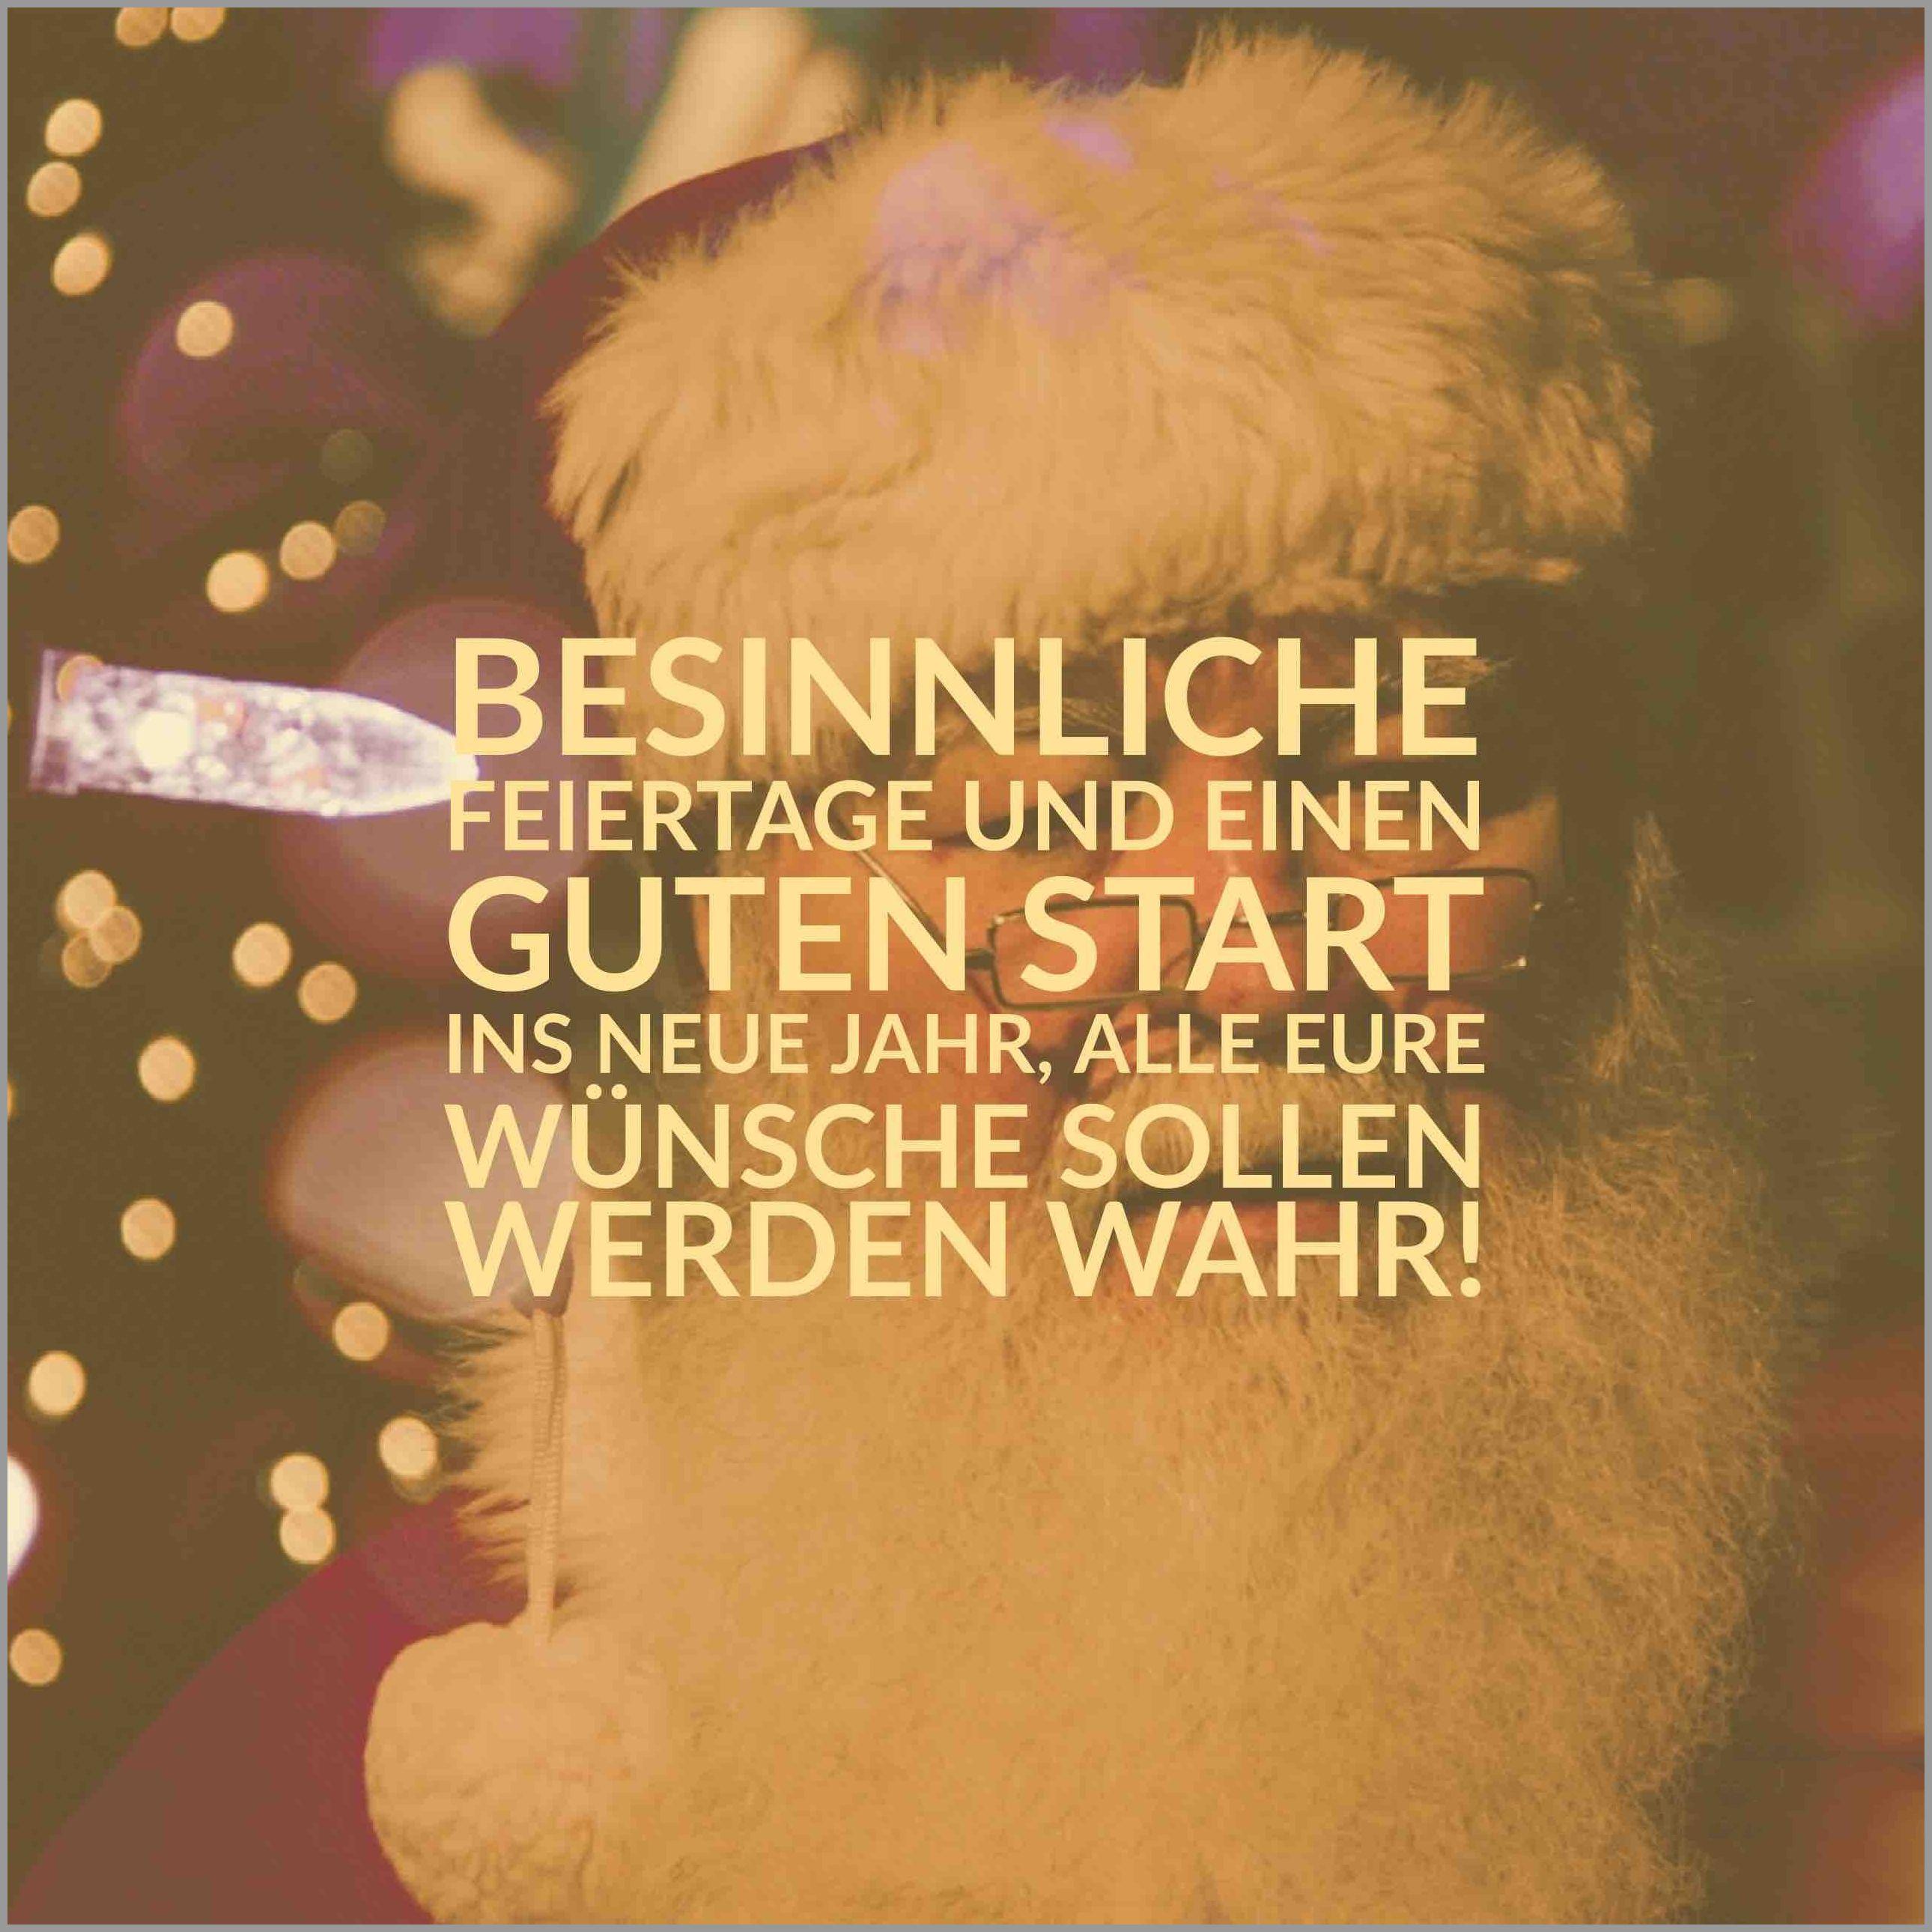 Besinnliche feiertage und einen guten start ins neue jahr alle eure wuensche sollen werden wahr - Besinnliche feiertage und einen guten start ins neue jahr alle eure wuensche sollen werden wahr